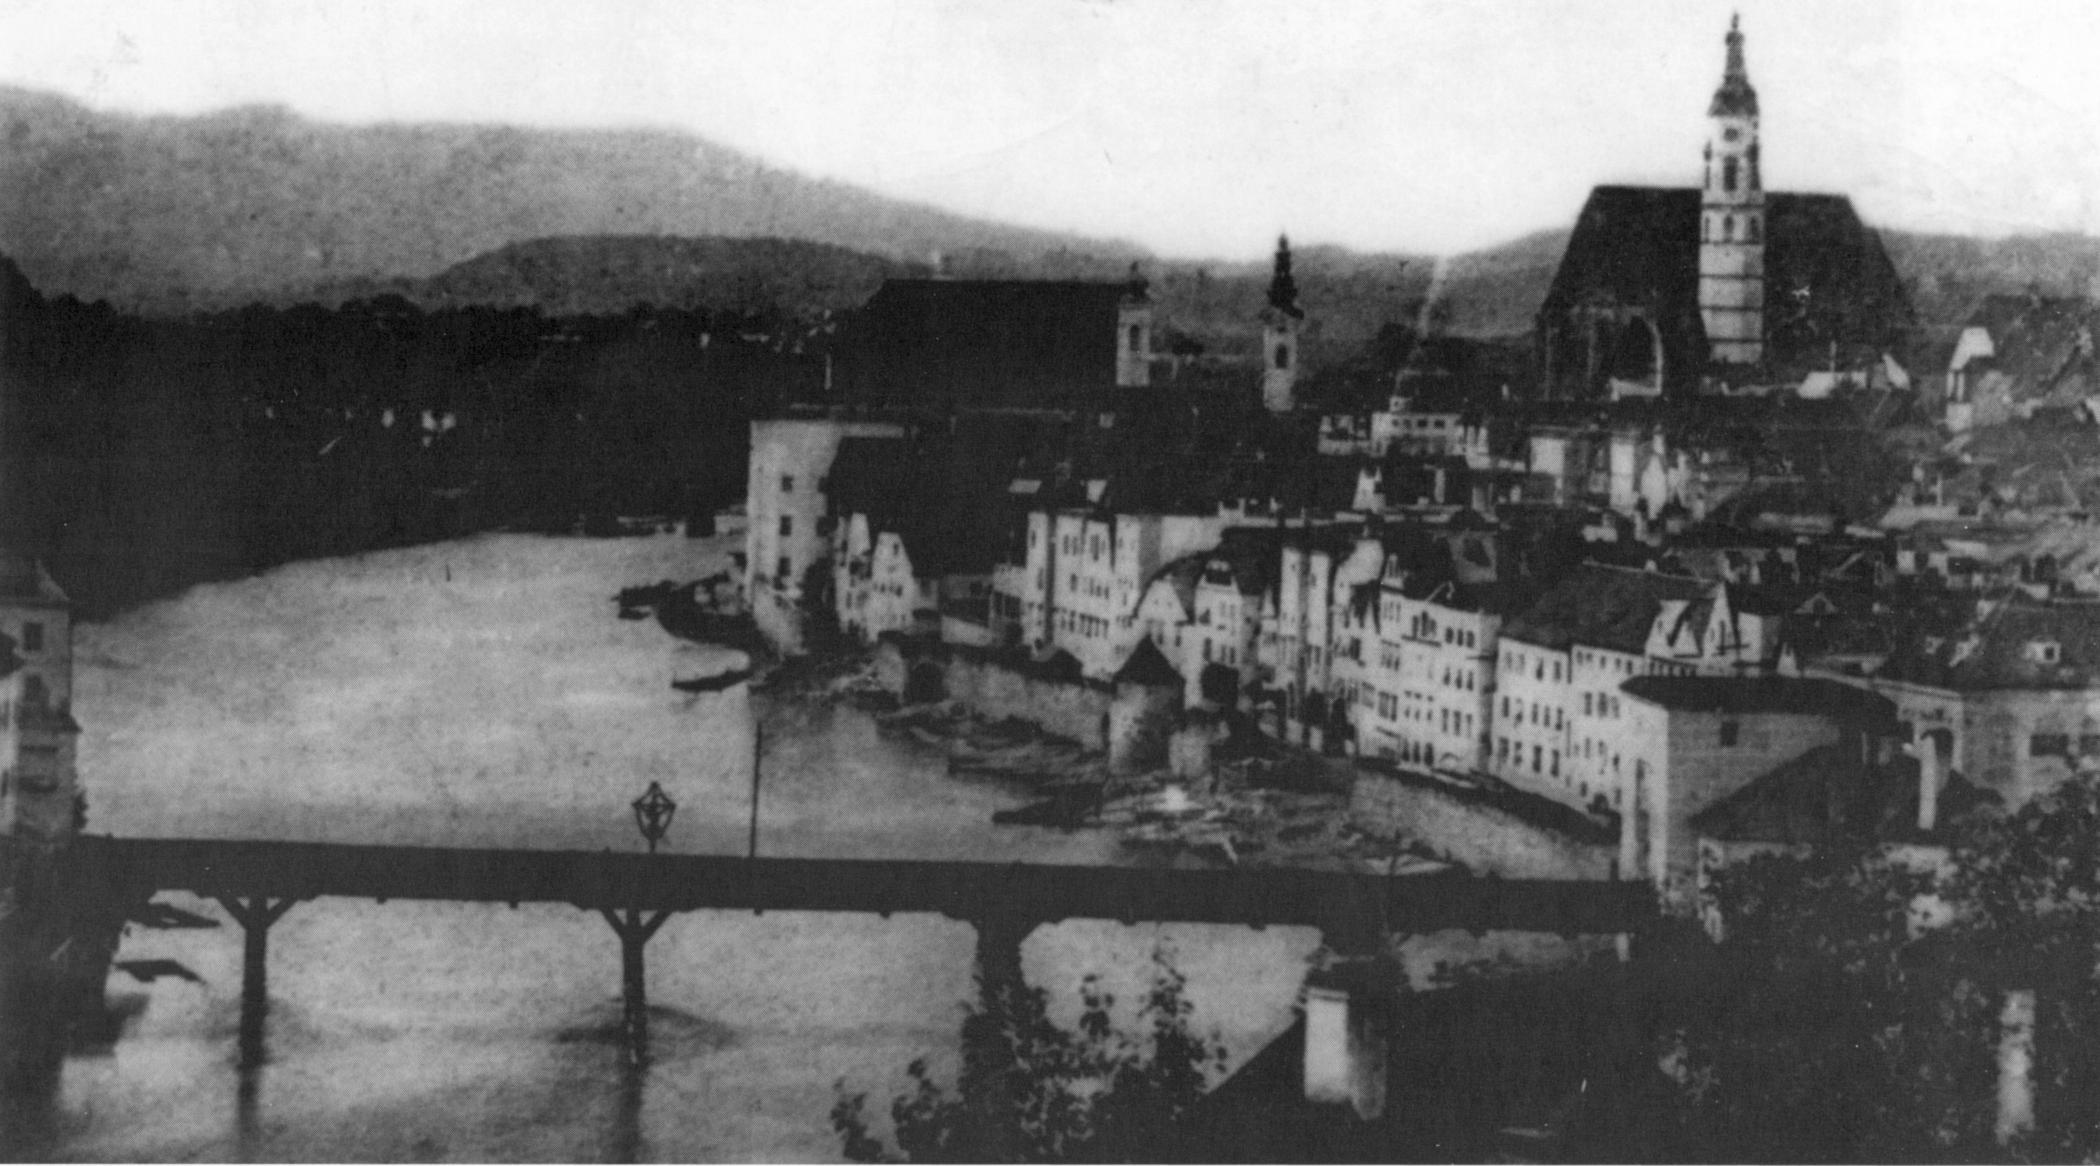 Aufnahme von 1857. Die Stadtmauer am Ennskai wird abgebrochen